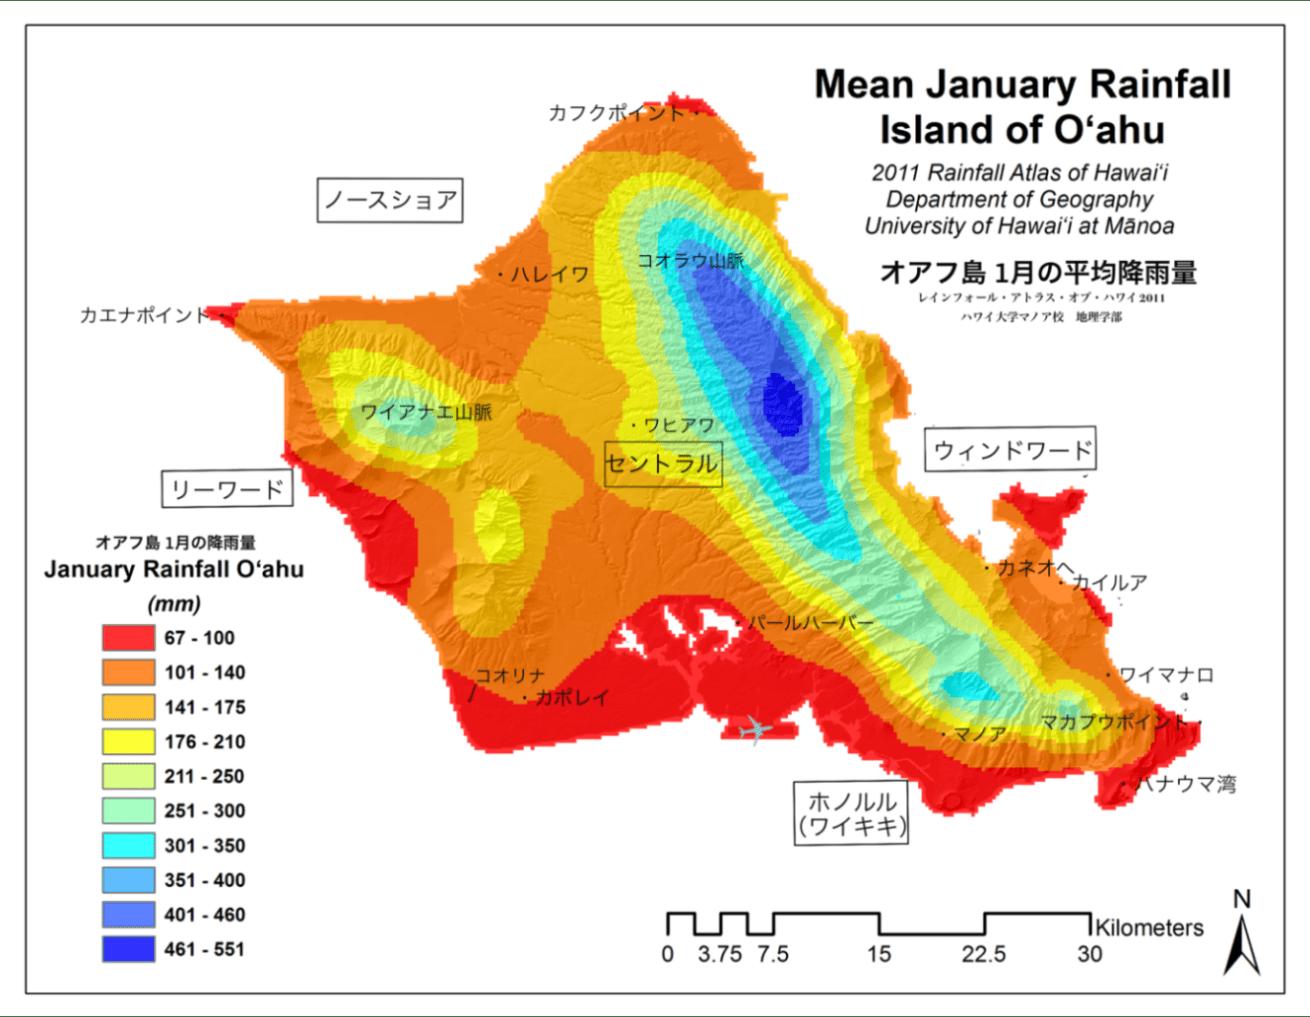 オアフ島 1月の平均降雨量